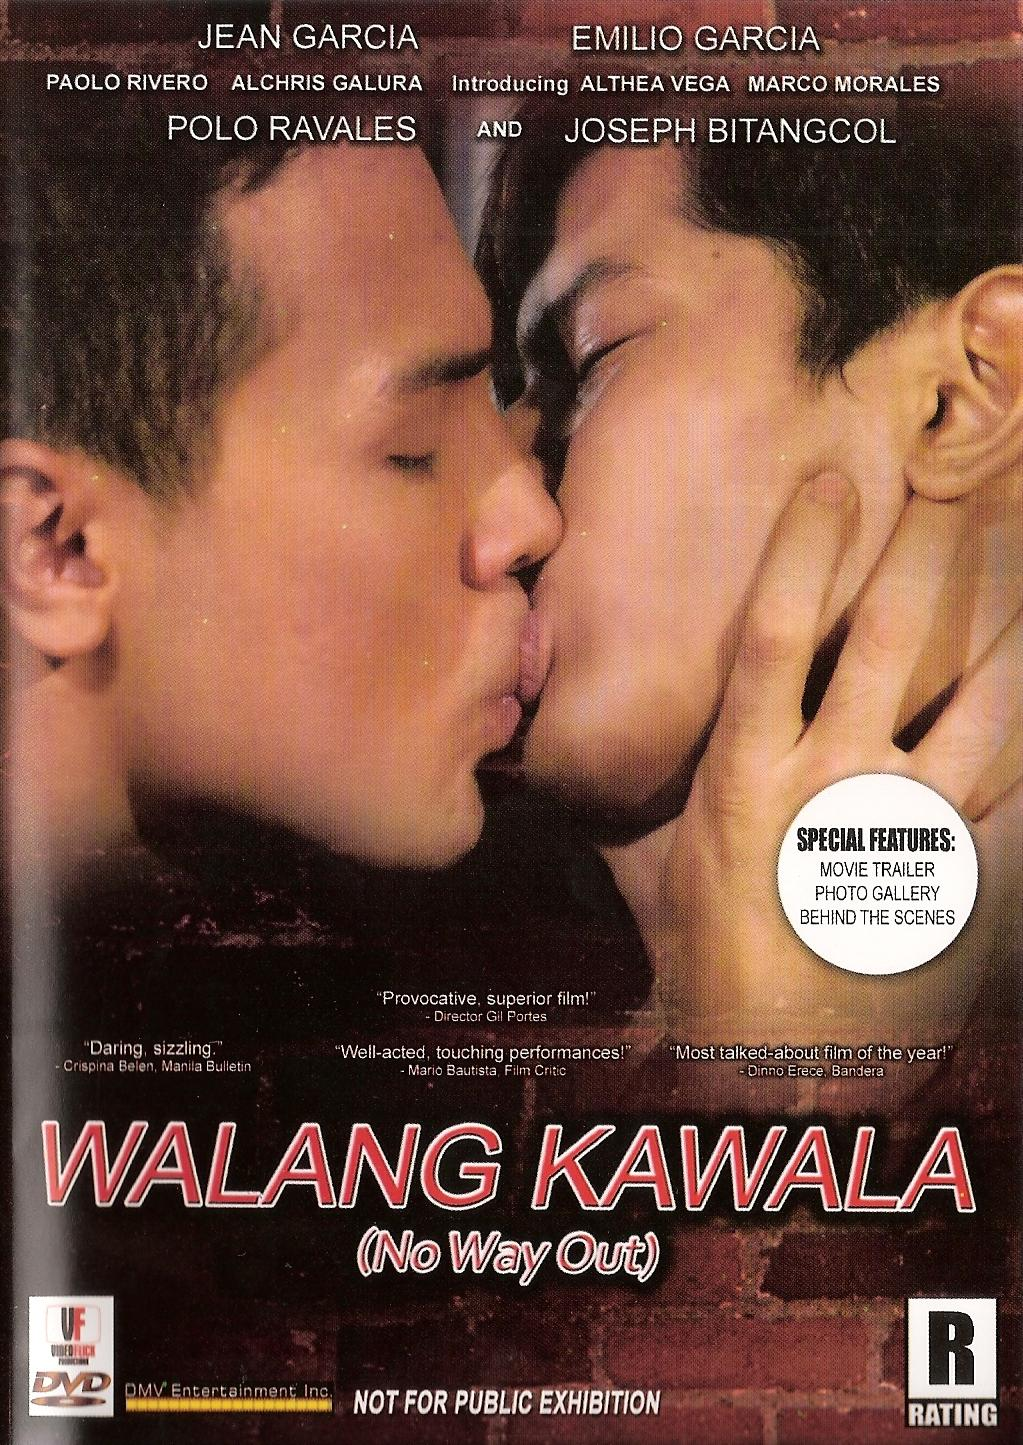 Movie Reviews Gay Themed Walang Kawala Filipino Tagalog No Way Out